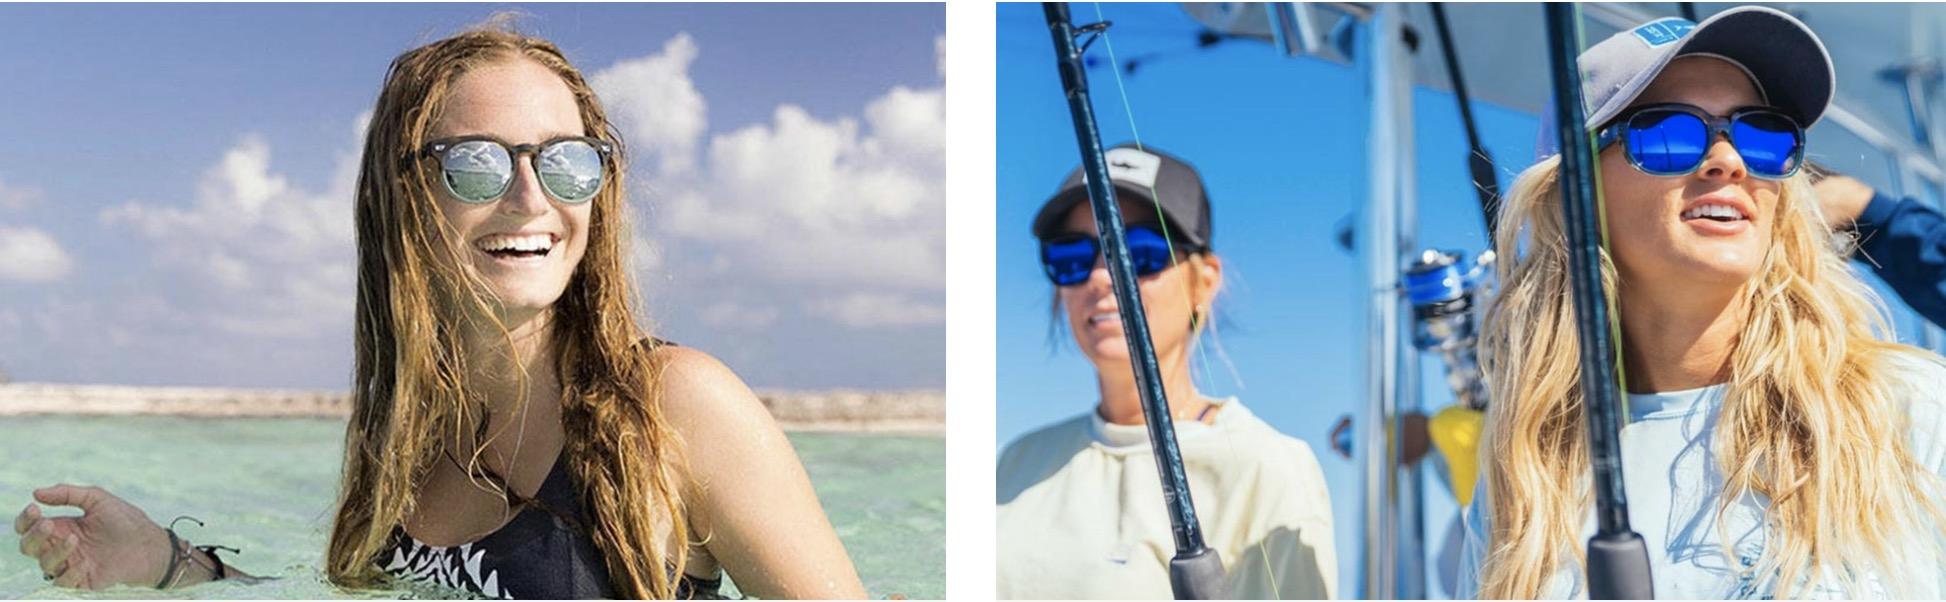 Costa Sunglasses for Women